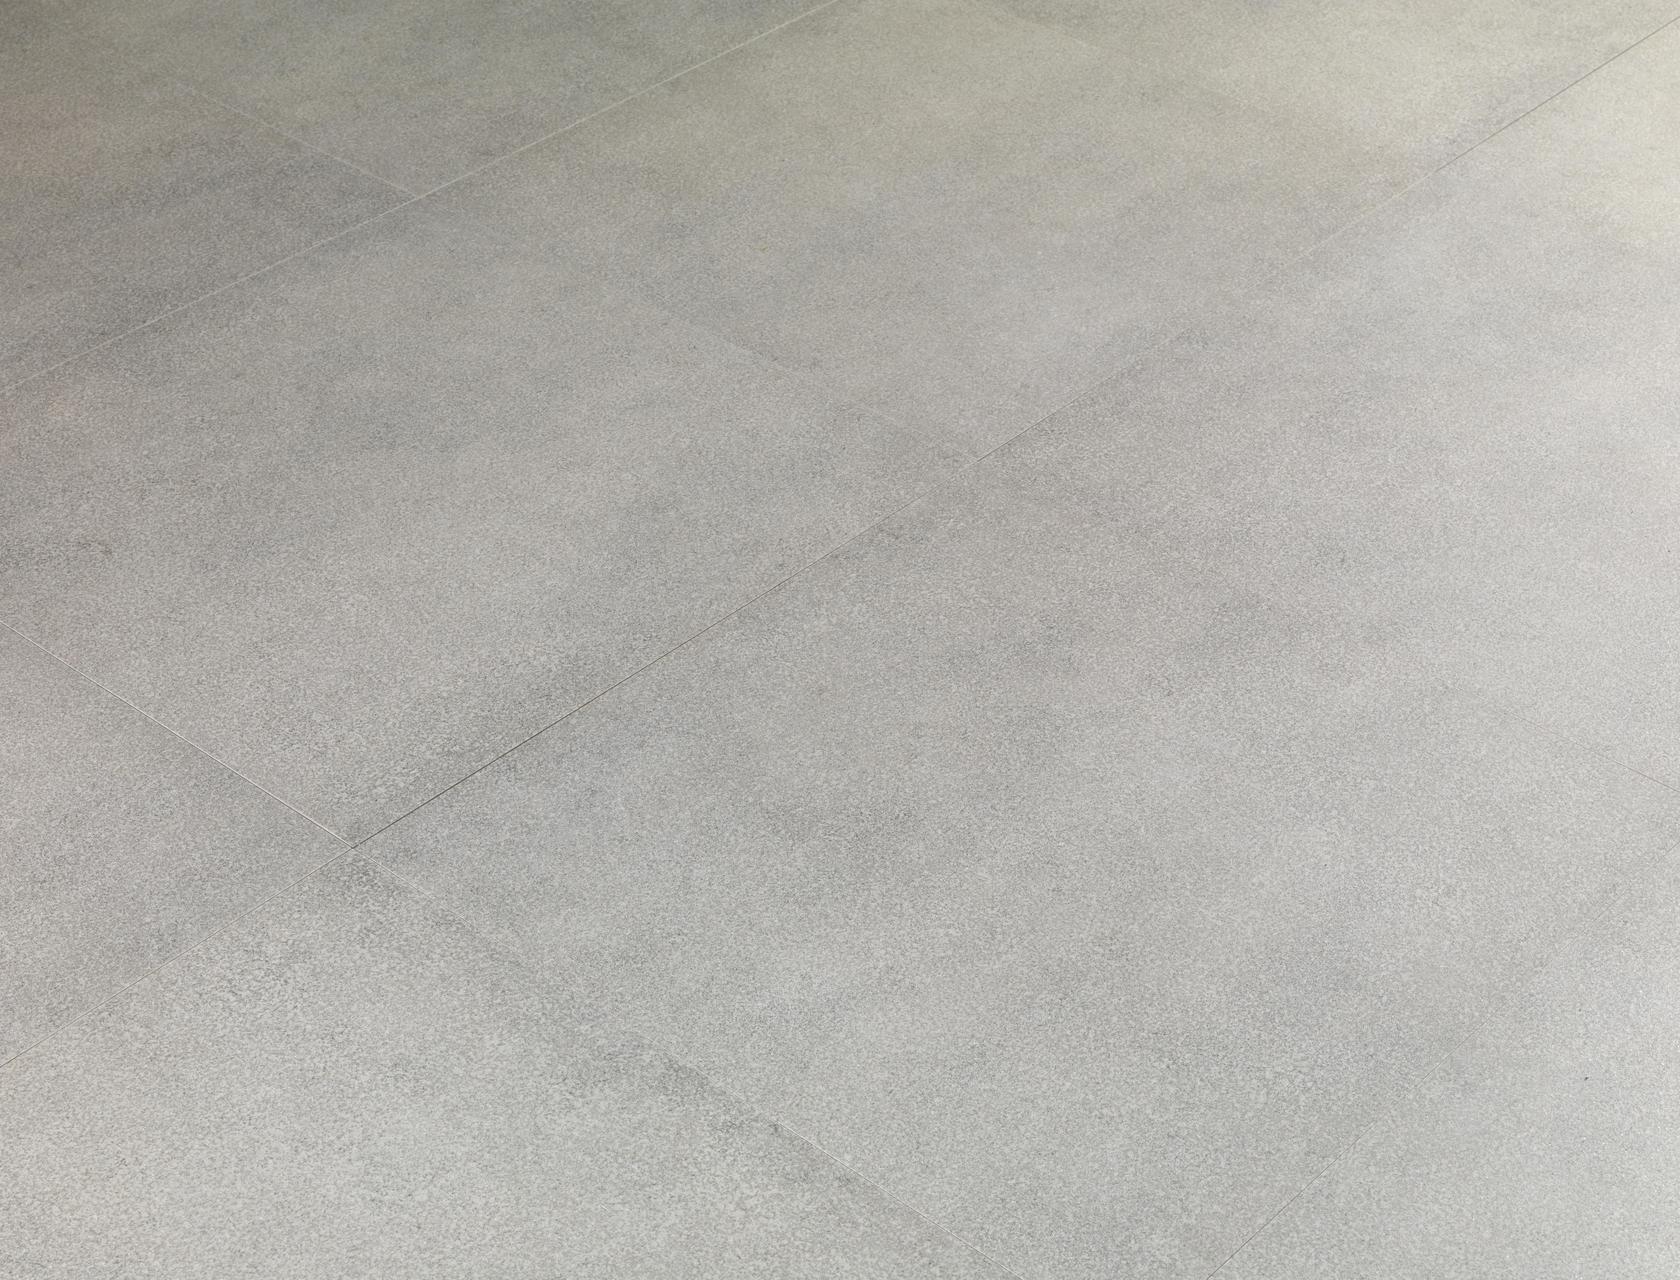 Pavimento per esterni in gres porcellanato effetto pietra di ragusa - Gres porcellanato effetto pietra per esterni ...